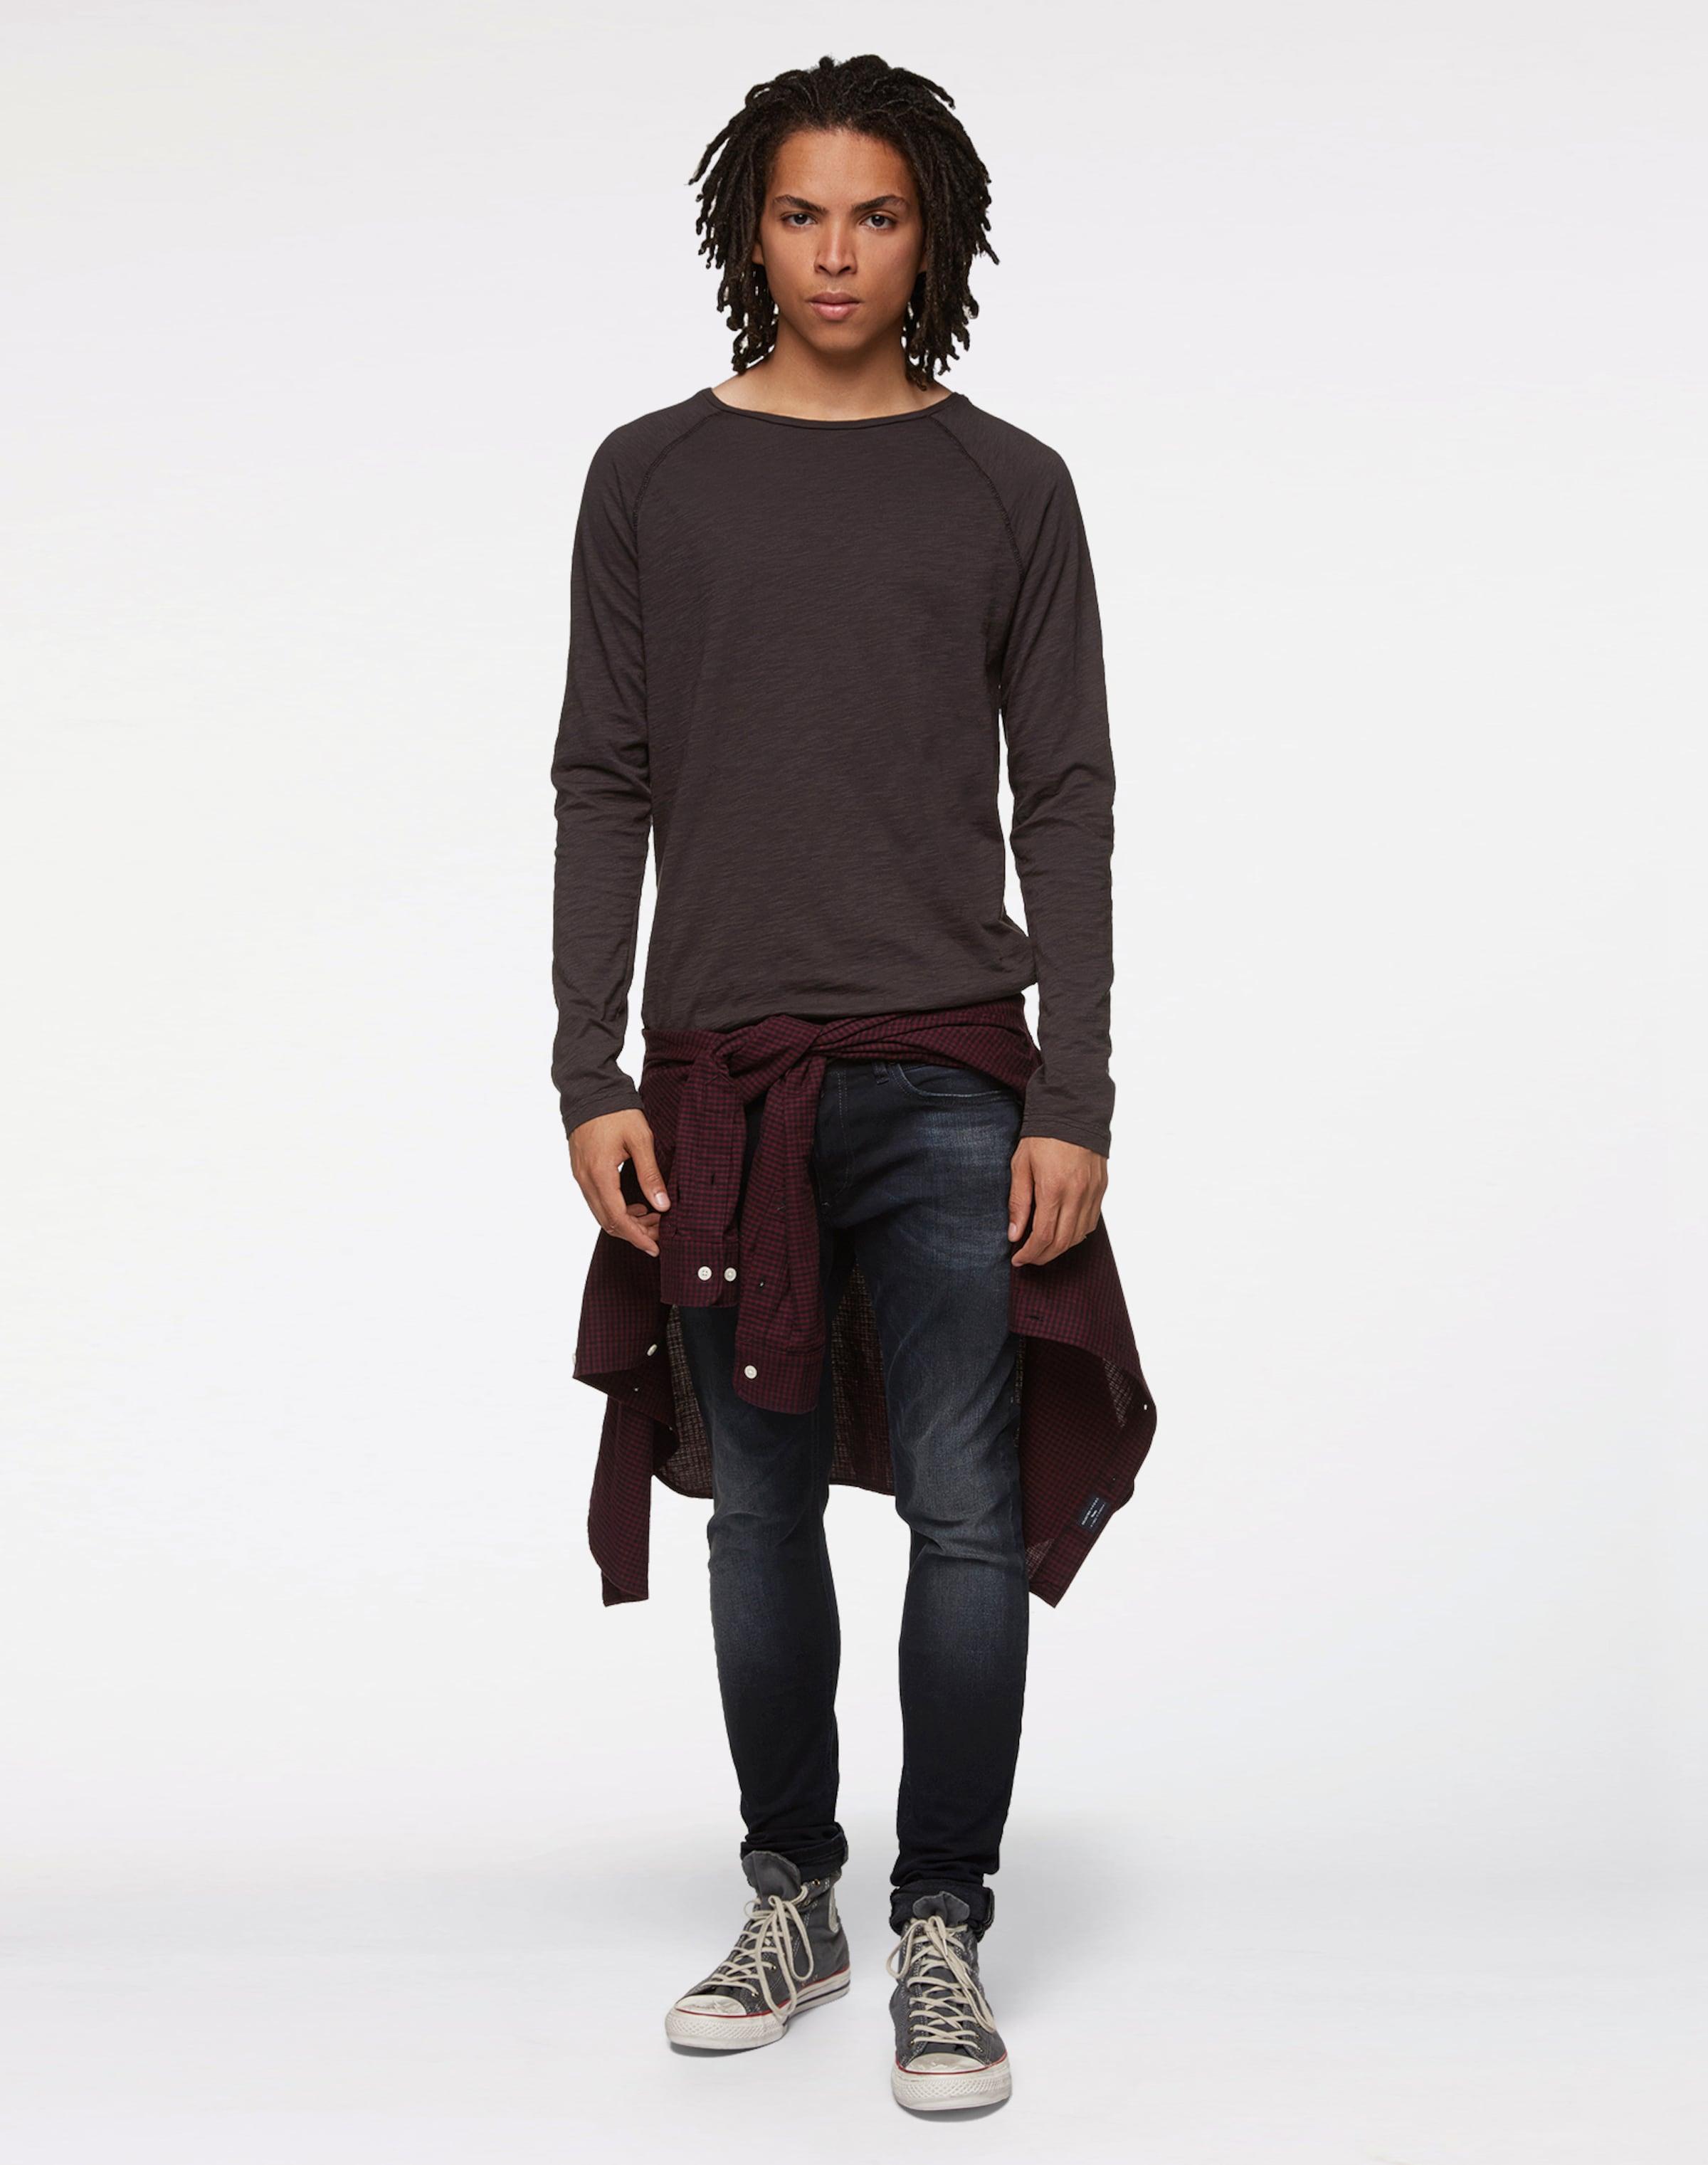 Erkunden Günstig Online Günstig Kaufen 100% Garantiert Nudie Jeans Co Langarmshirt 'Otto Raw' oxOL40